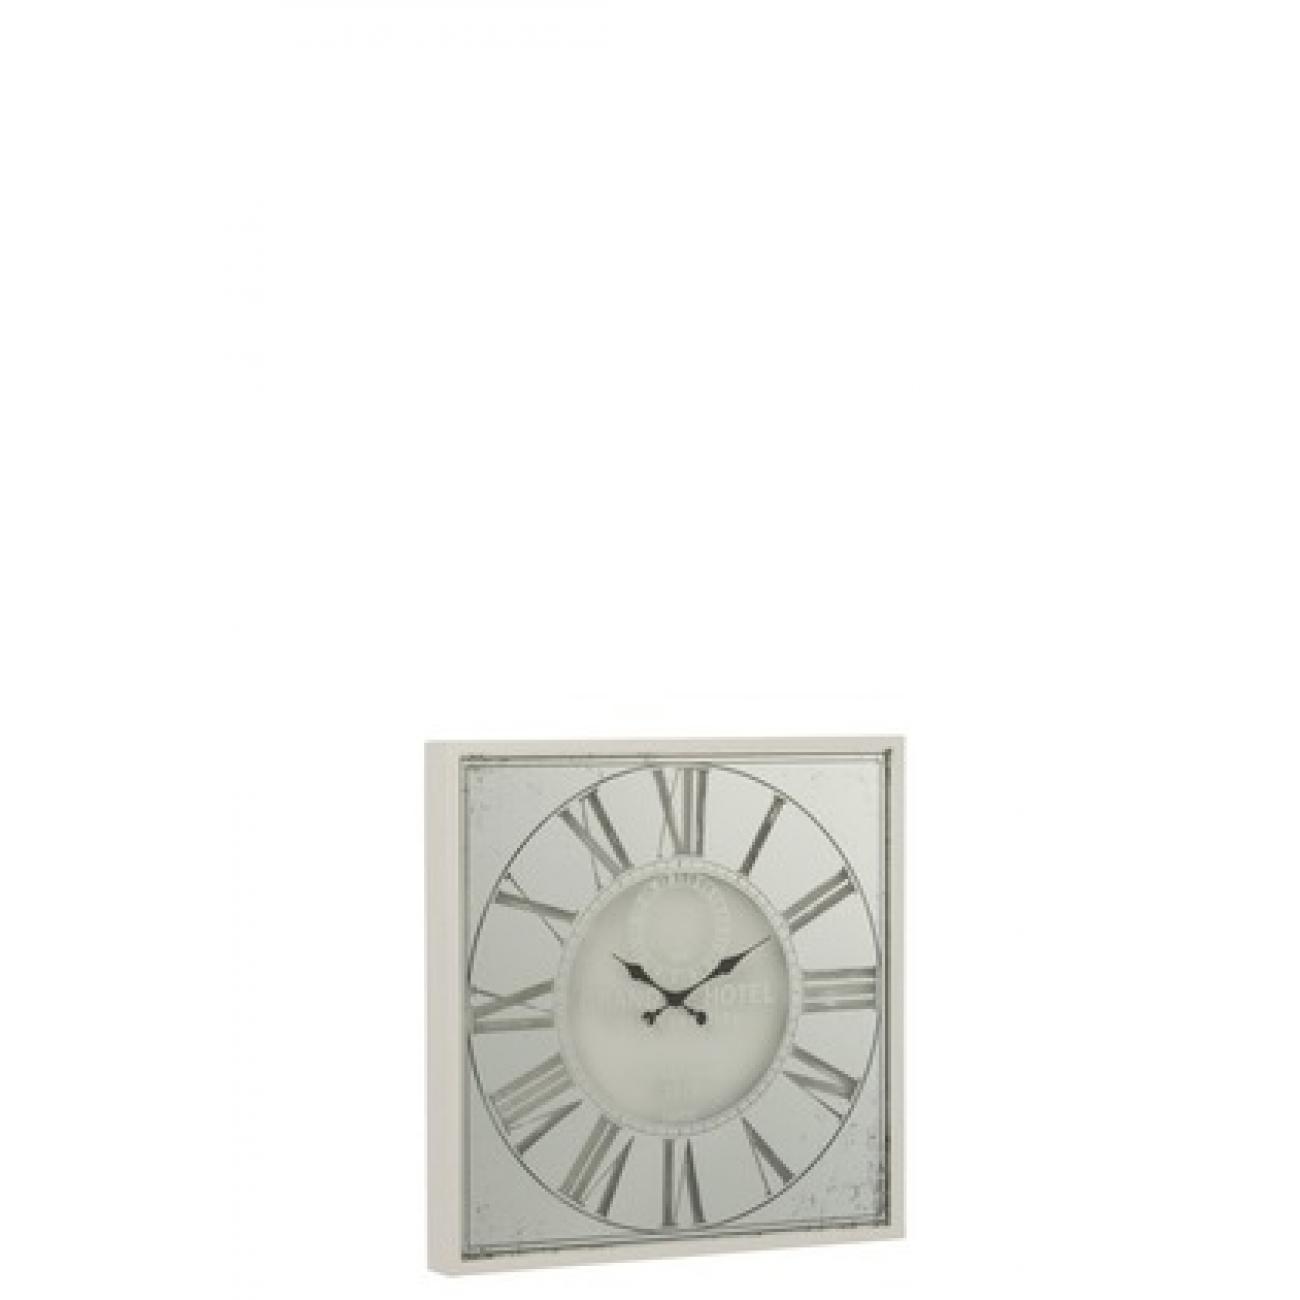 Настенные часы J-LINE квадратные белые в зеркальном корпусе 60х60 см